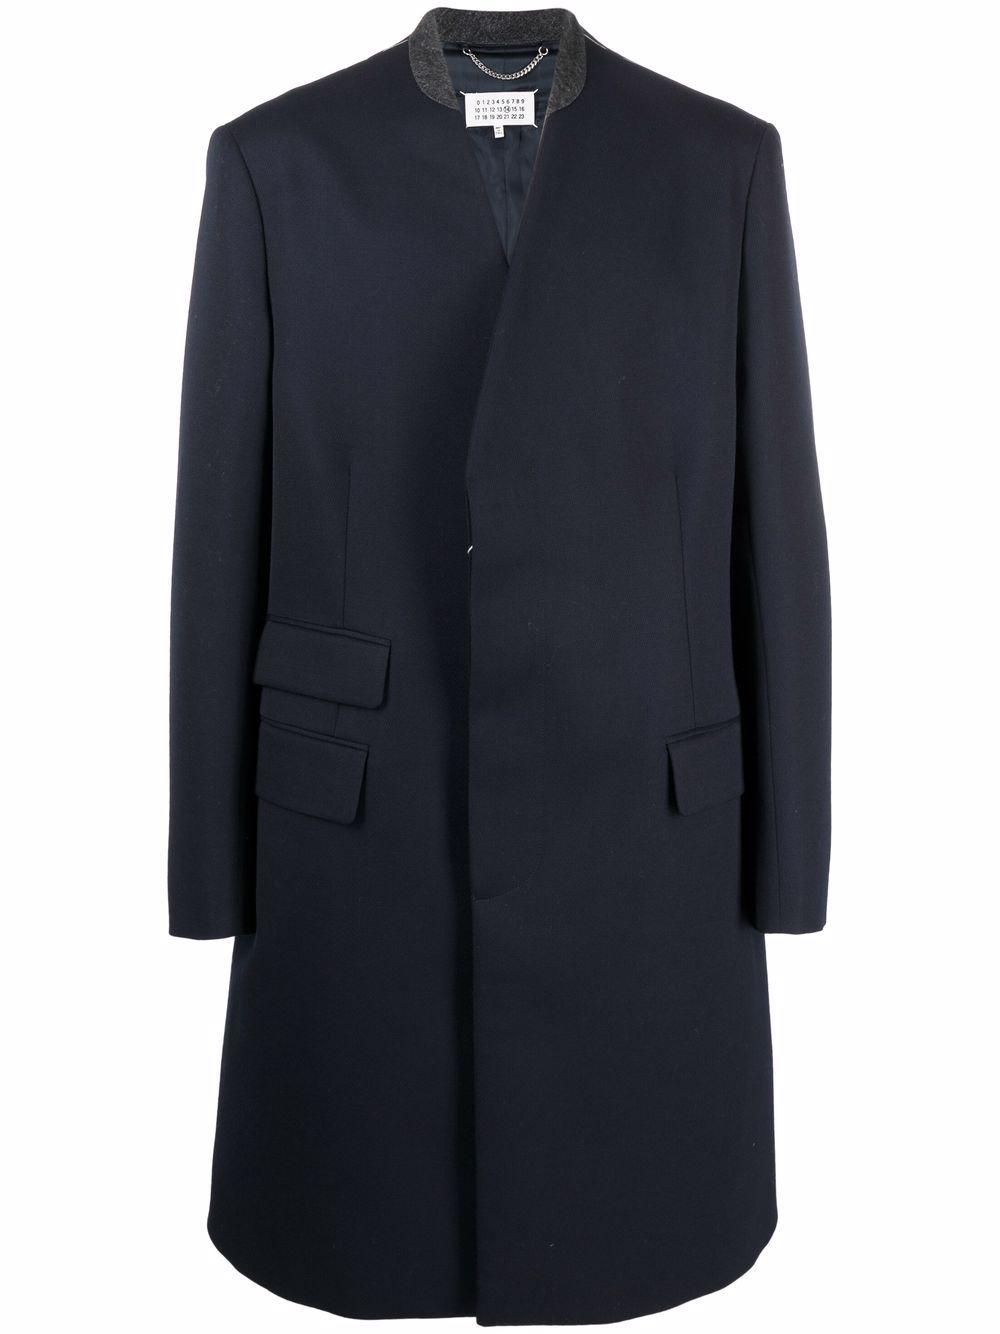 Maison margiela giacconi blu